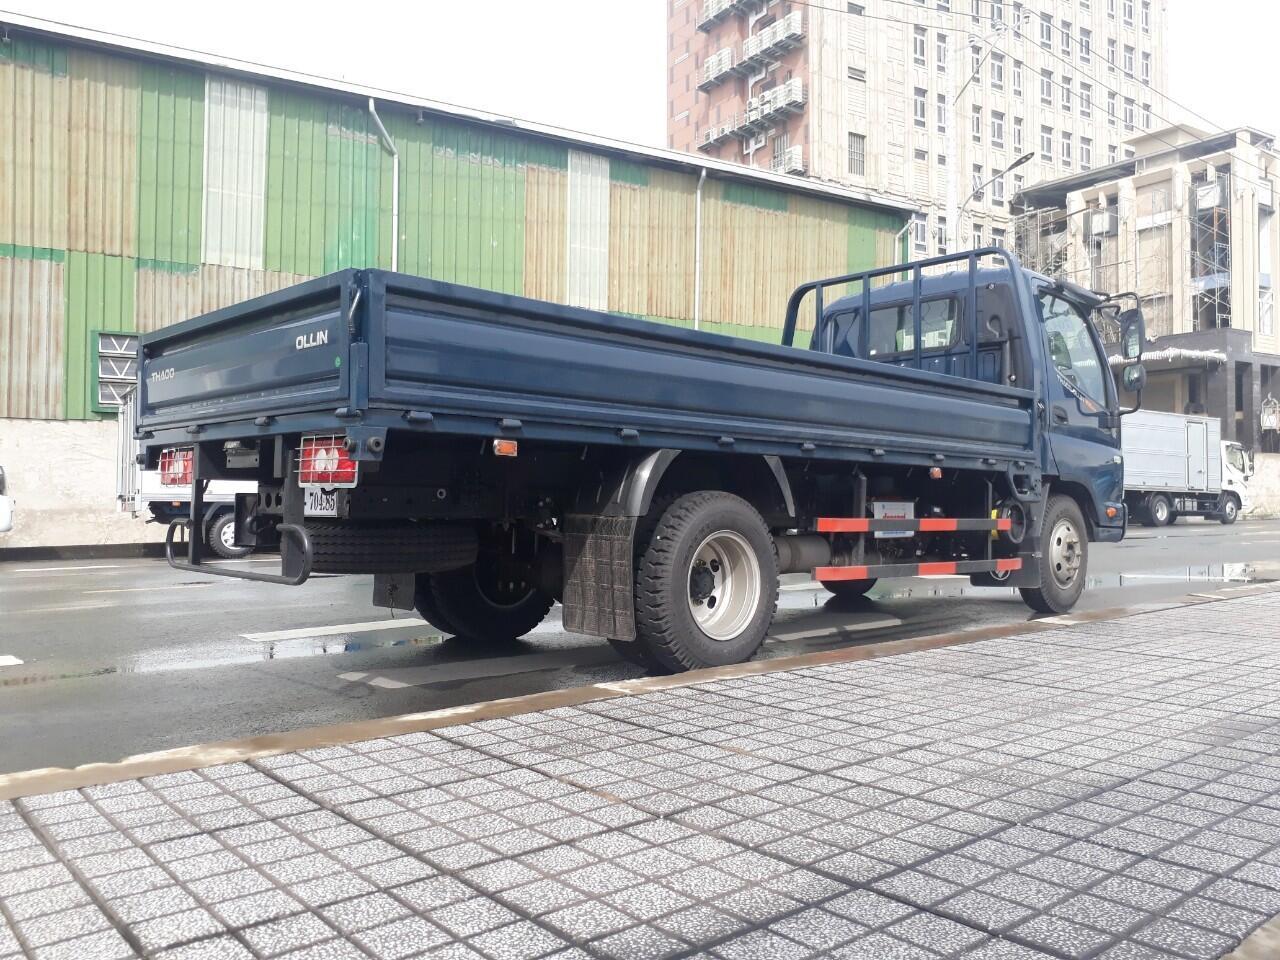 Xe tải Thaco Ollin 120 - Thùng lửng - Tải 7,5 tấn